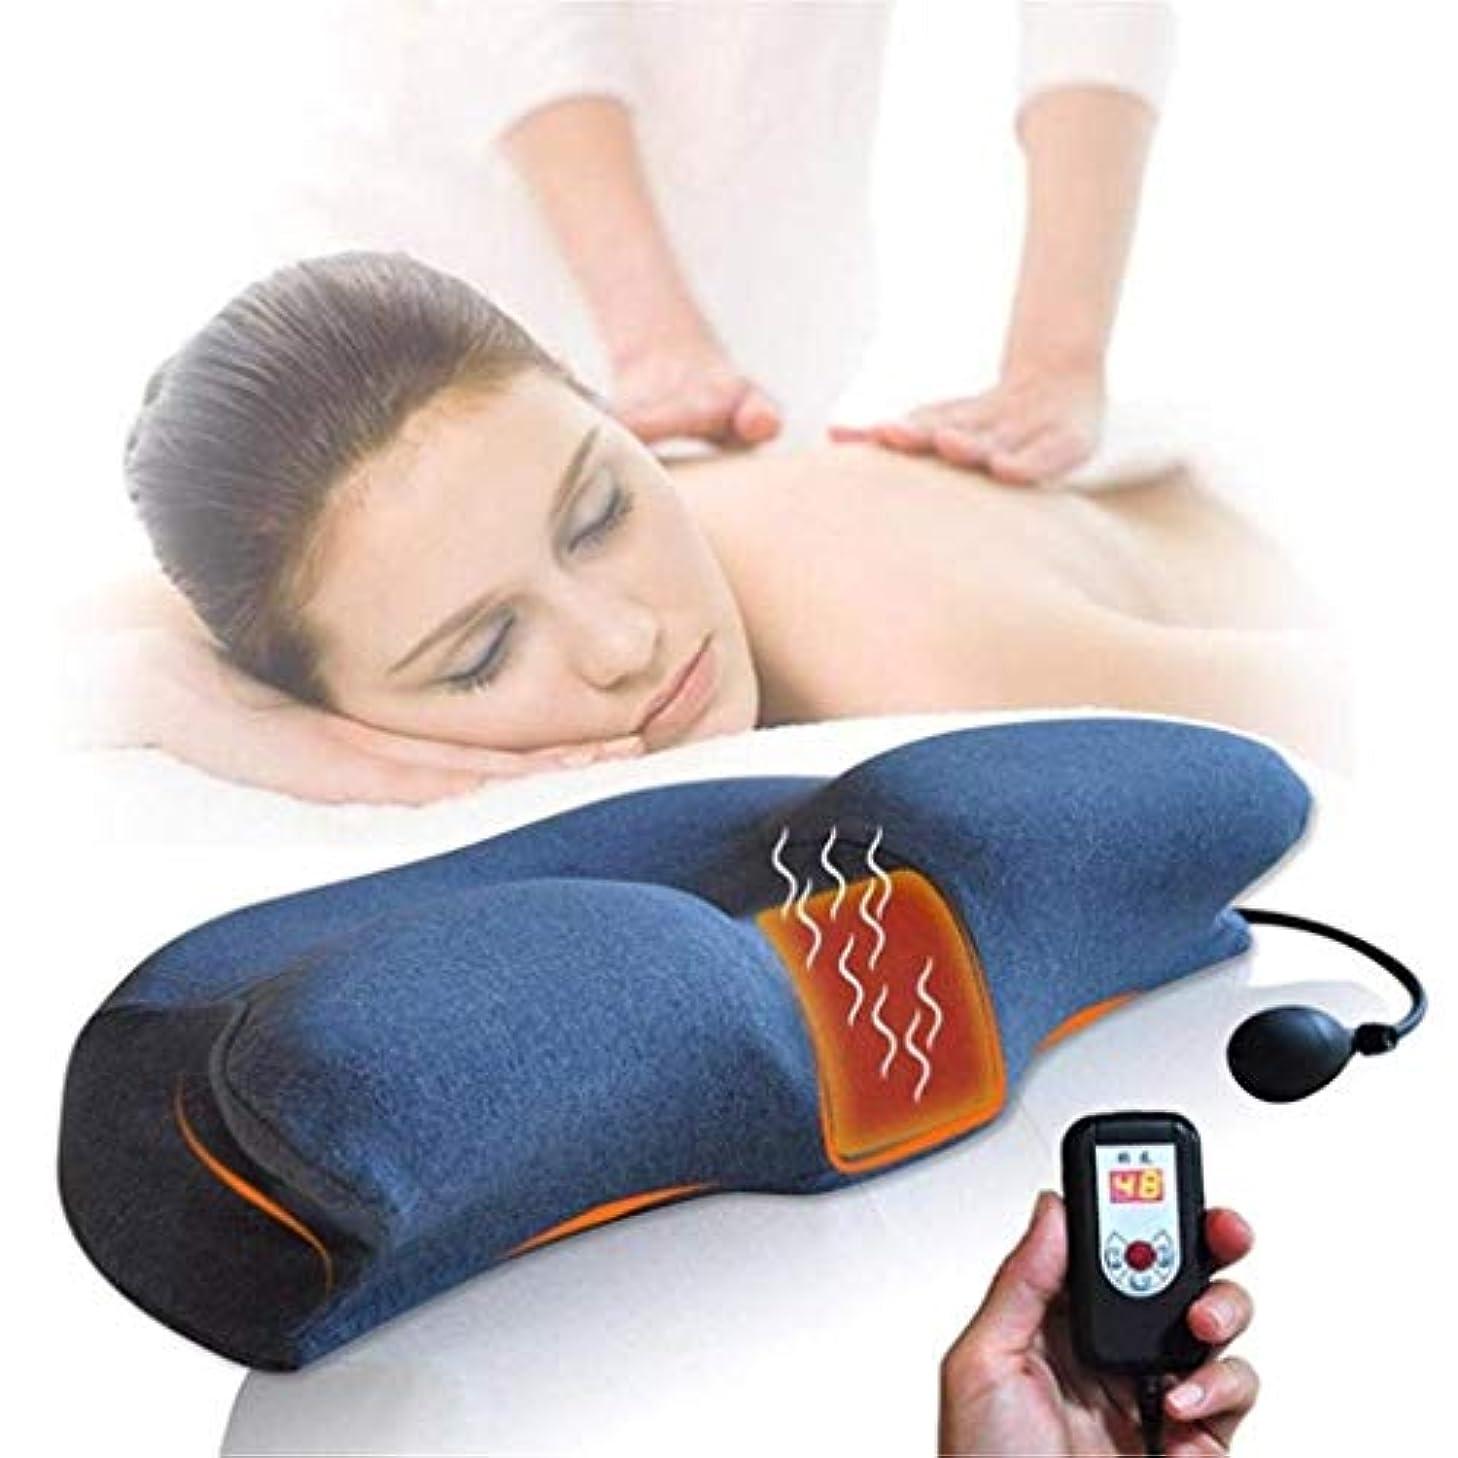 打ち上げるクリエイティブ妖精マッサージ枕、メモリ枕、頸部牽引装置、インフレータブルヘルスケア整形外科マッサージ枕、睡眠肩枕の促進